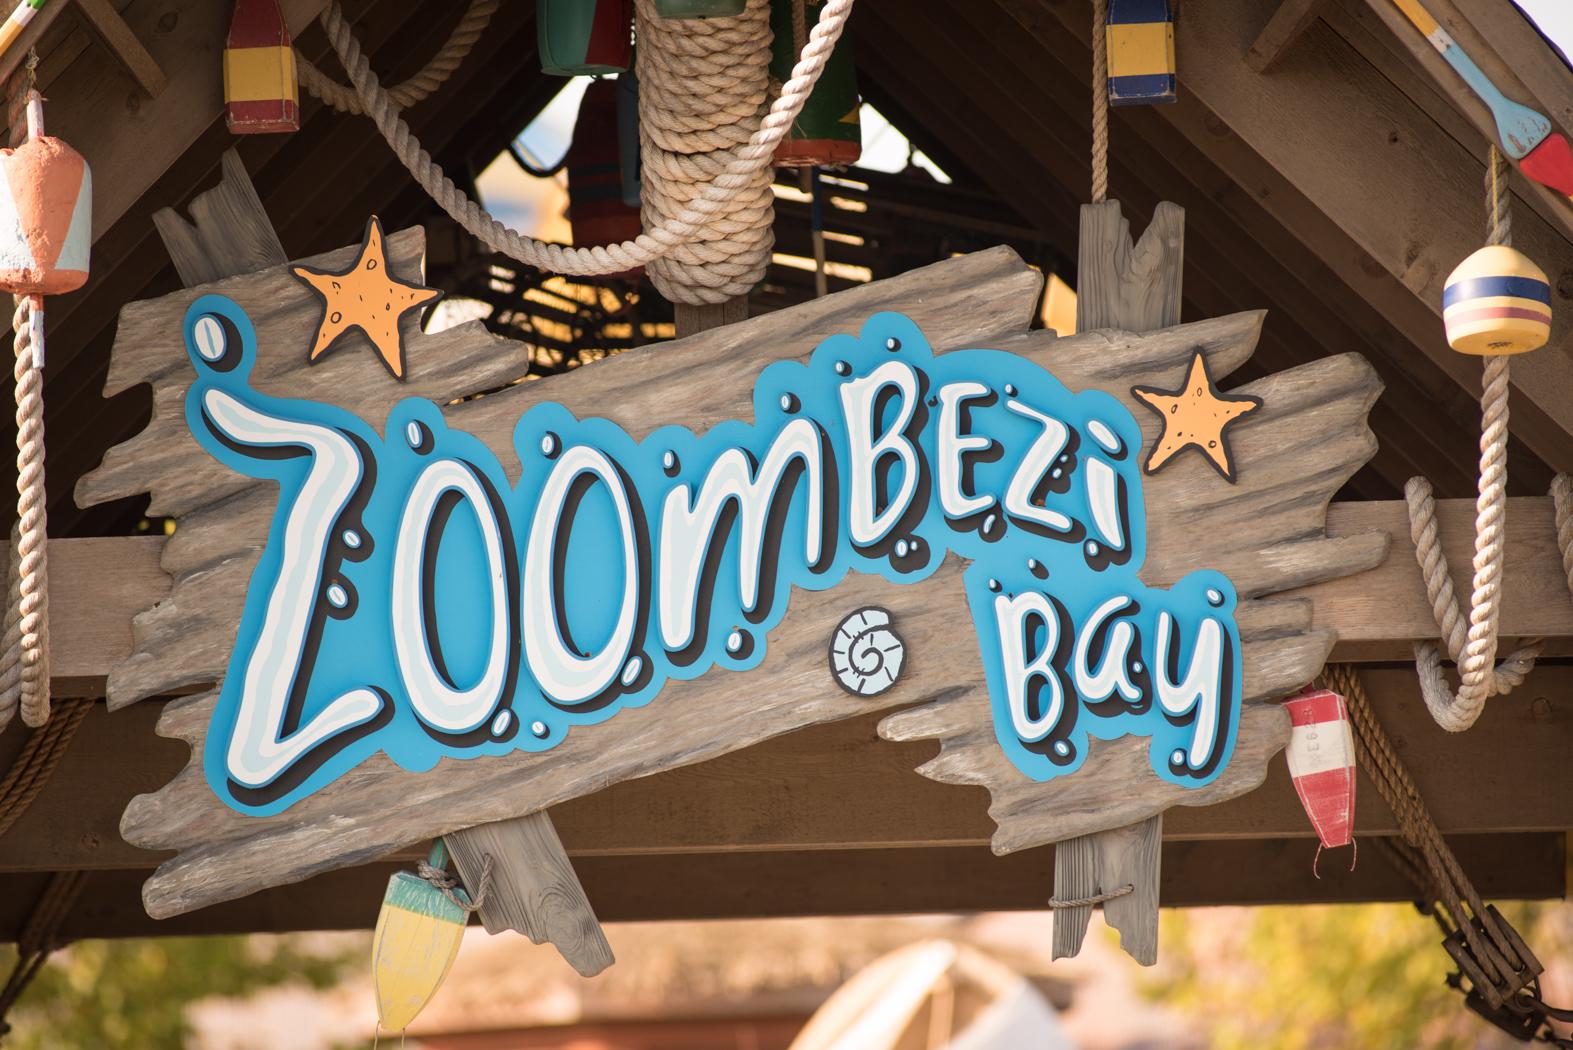 Zoombezi Bay 0129 - Grahm S. Jones, Columbus Zoo and Aquarium